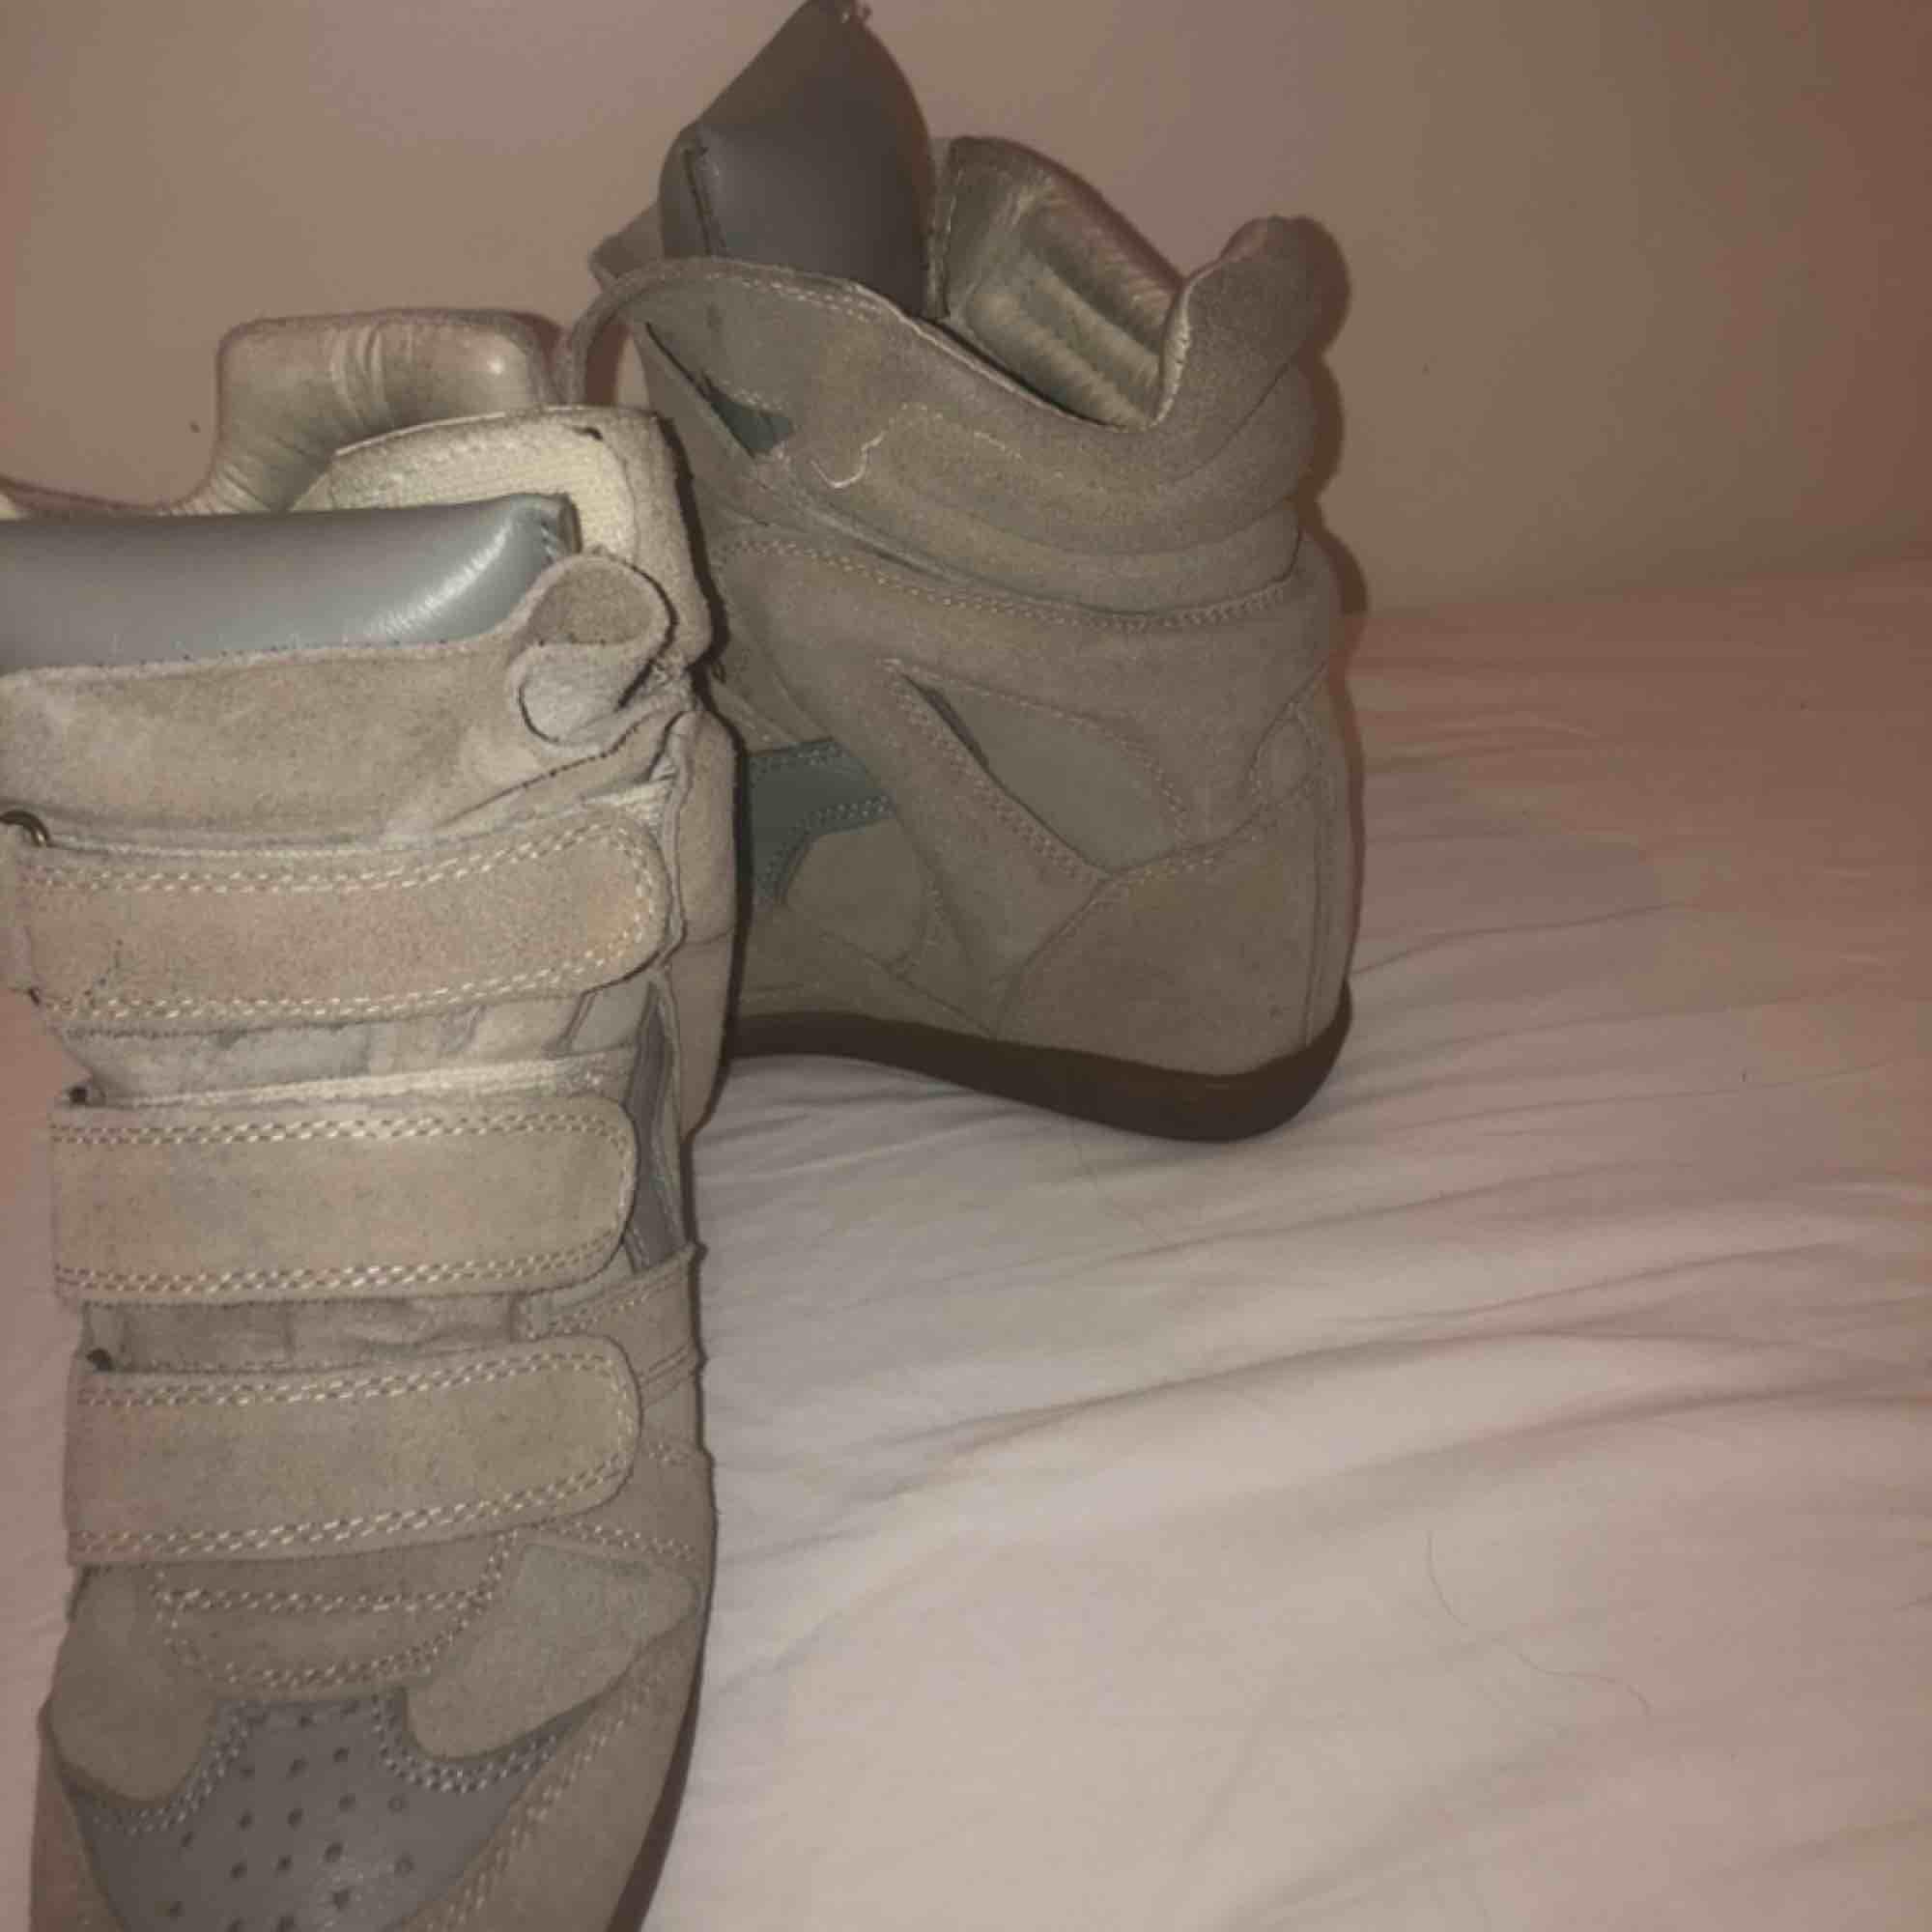 ⭐️ISABEL MARANT⭐️ Beigea marant skor i klassisk modell, super snygga och super bra skick! Inget kvitto då jag fick de i födelsedagspresent, men garanterat äkta.💓. Skor.